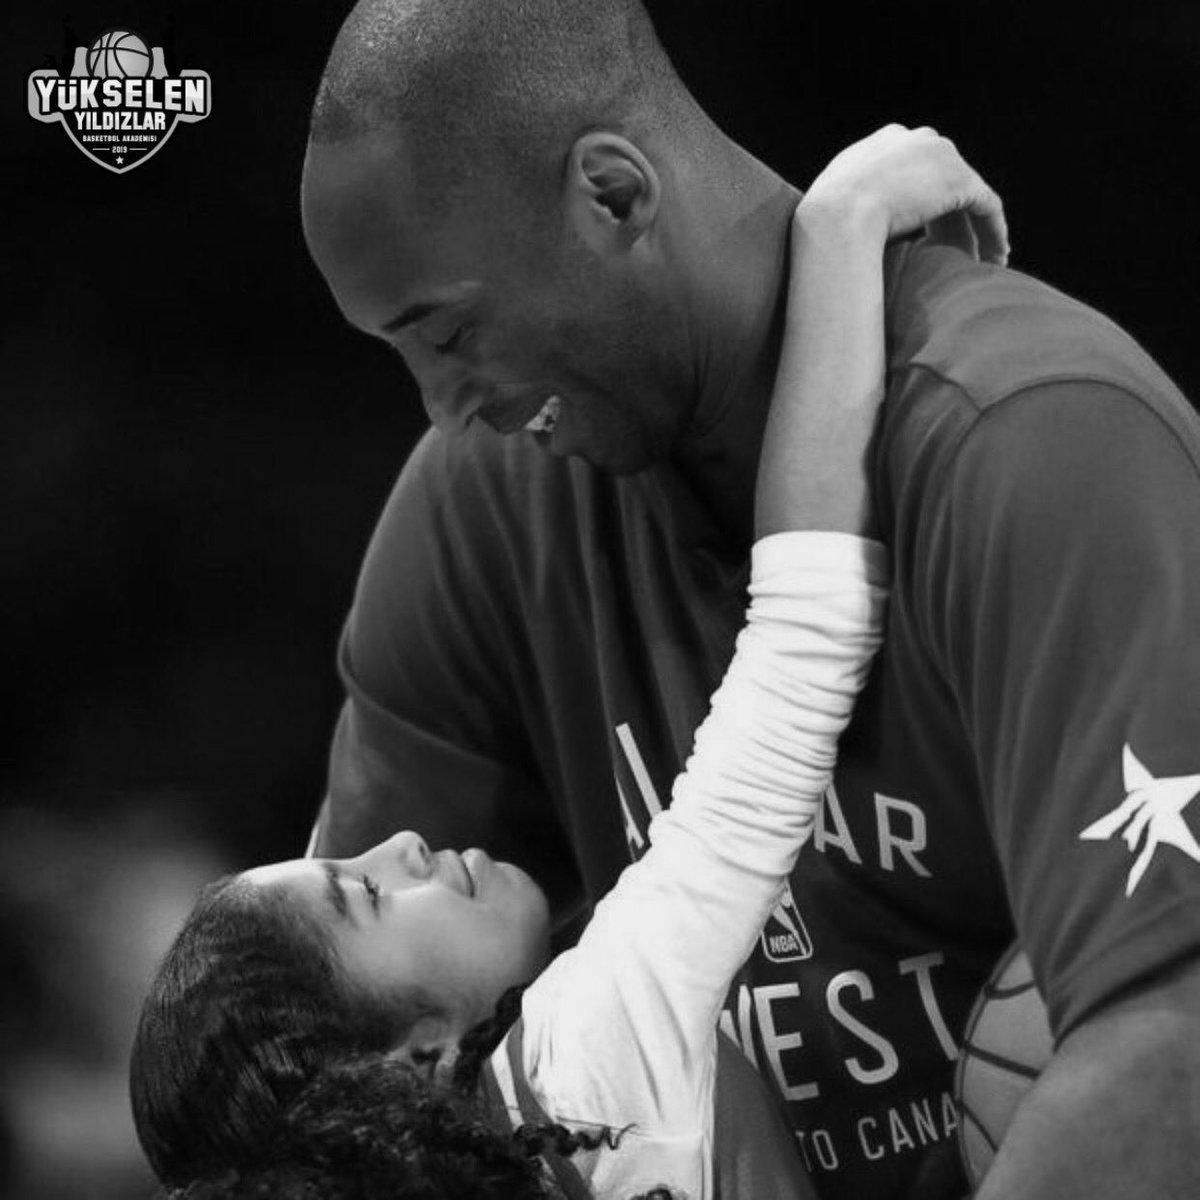 1 yıl önce bugün Dünyanın en büyük basketbolcusu olan Kobe Bryant ve kızı Gigi aramızdan ayrıldı 😢 #MambaForever #MambaOut 🙏